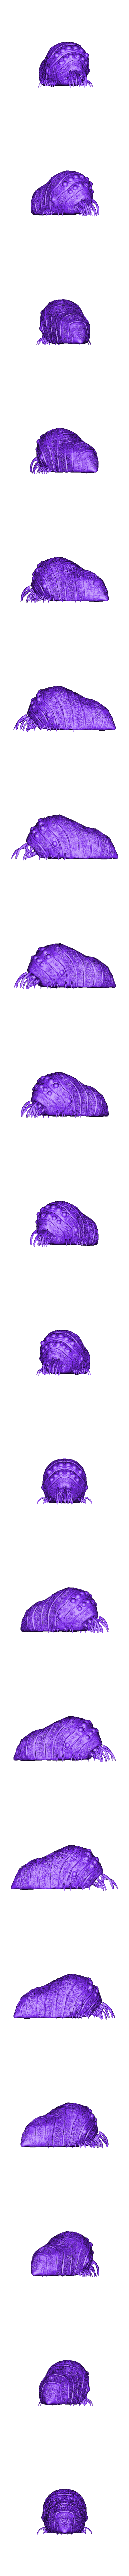 Ohmu_alone.stl Download free STL file Ohmu Scene and Lone 3D Print Concept • 3D print model, CarlCreates